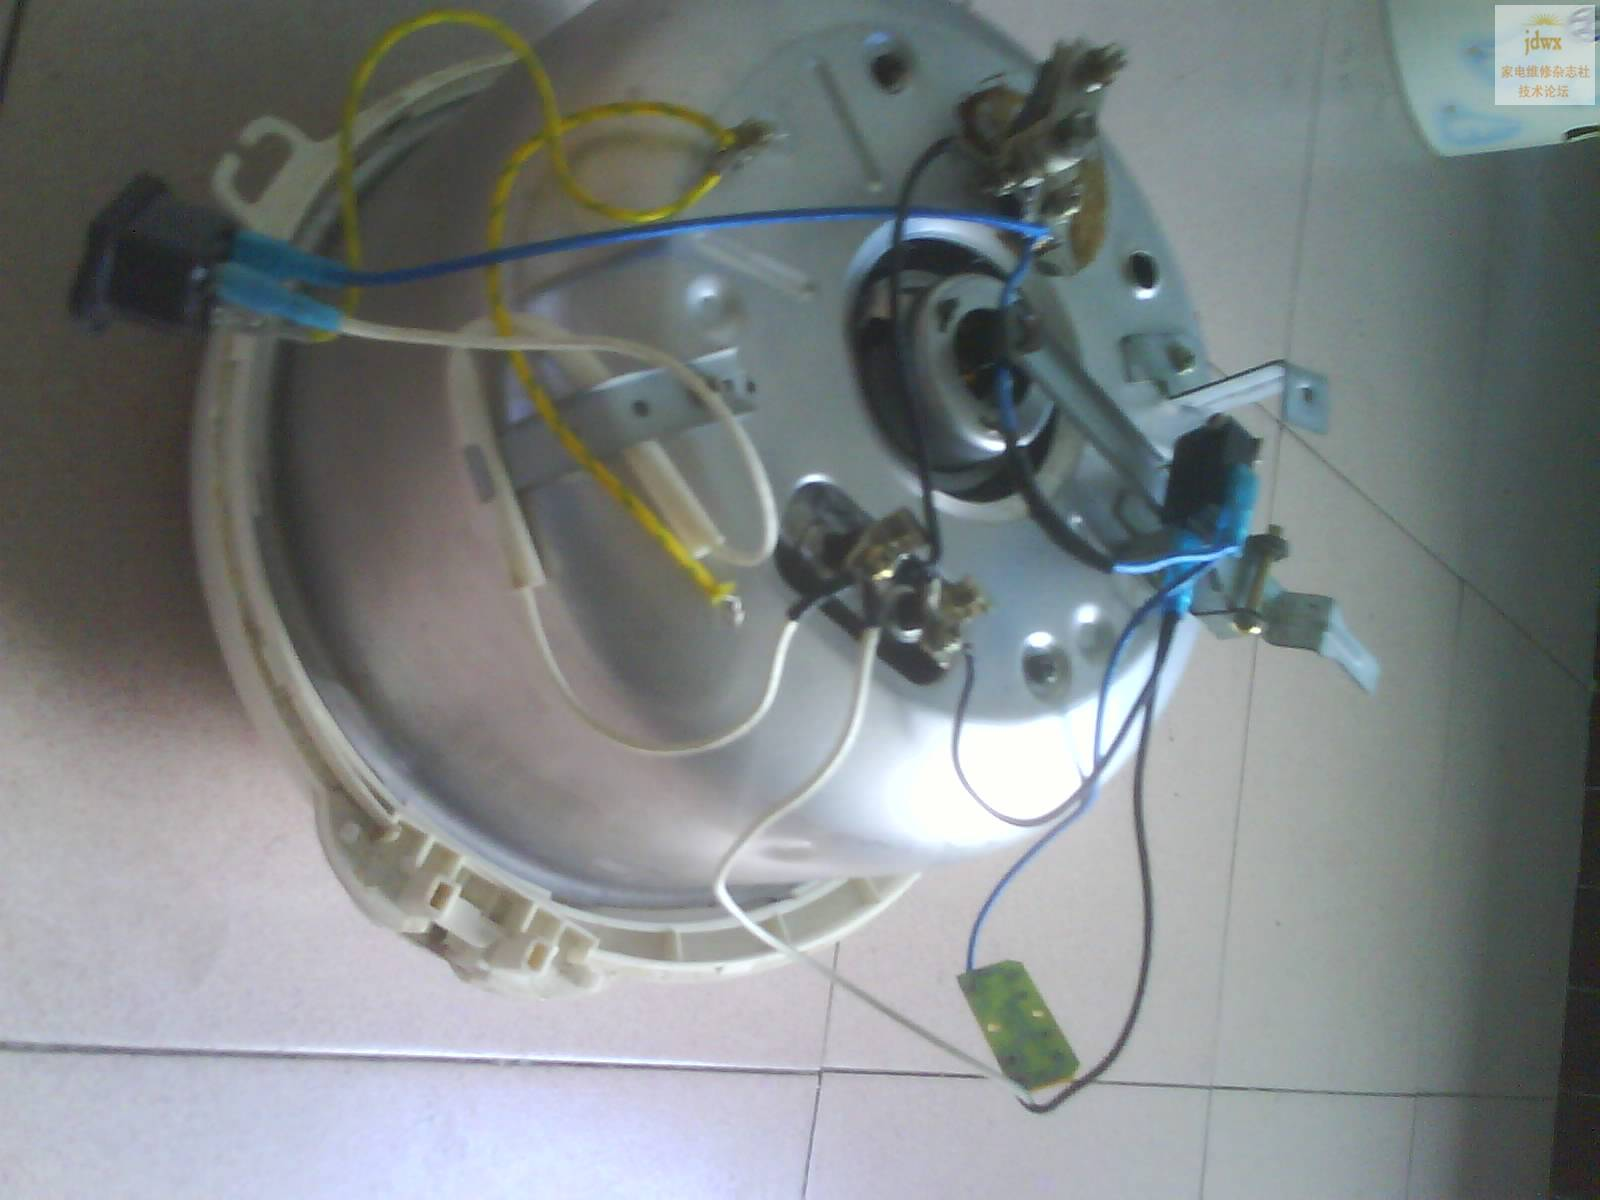 格力电饭煲接线问题